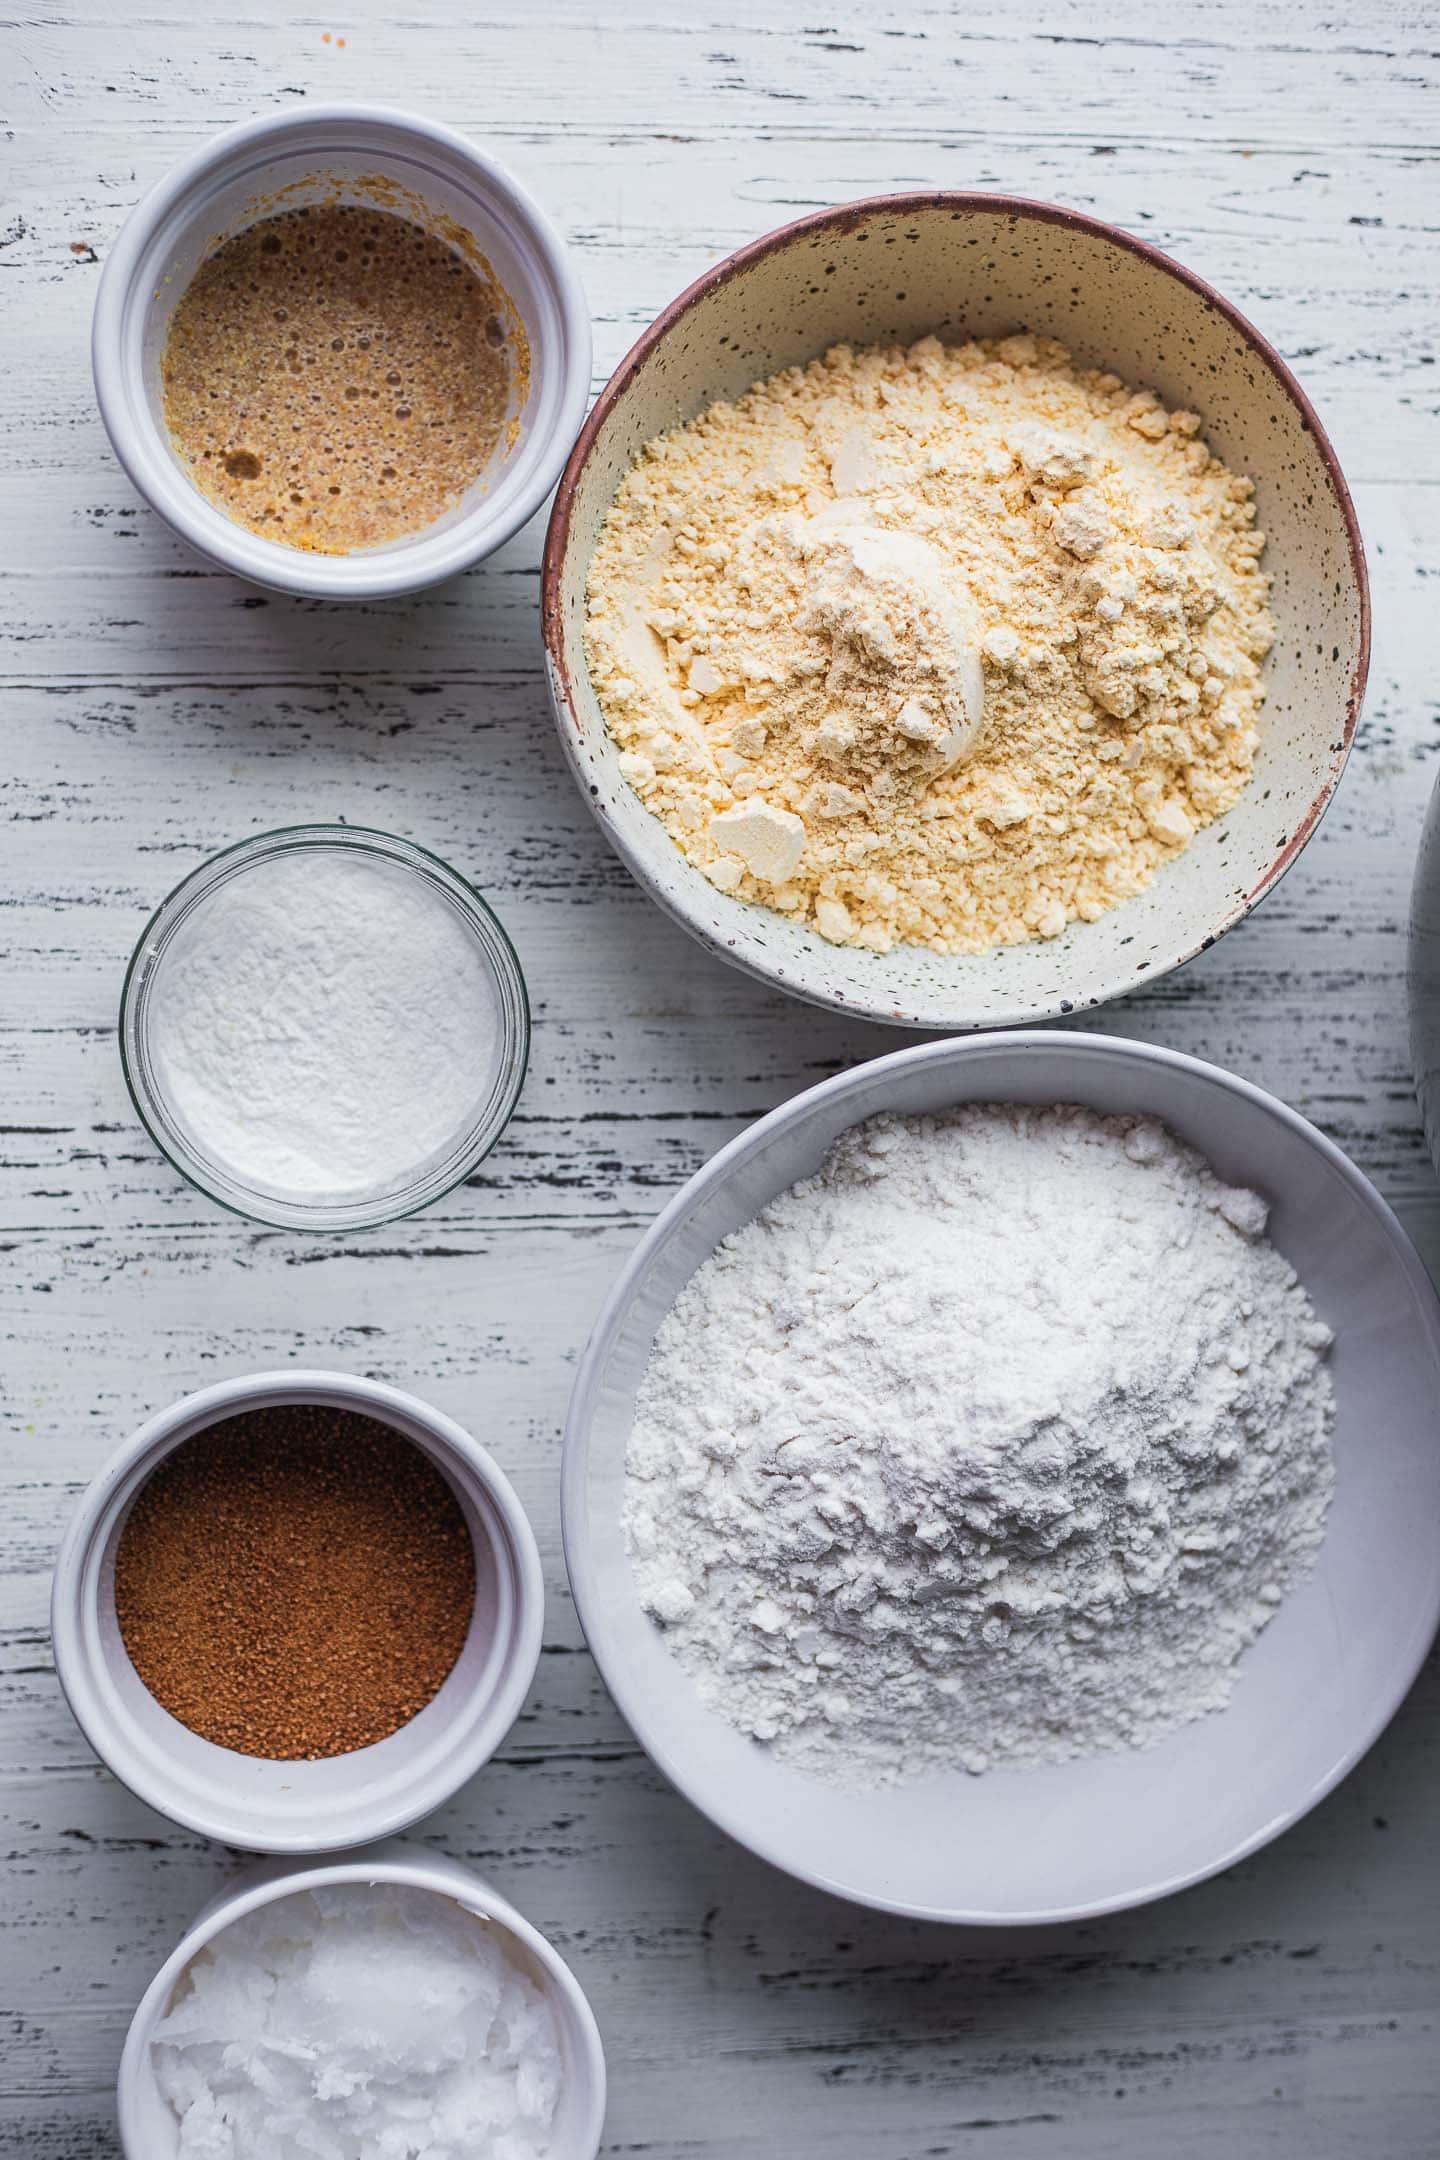 Ingredients for vegan pumpkin pie